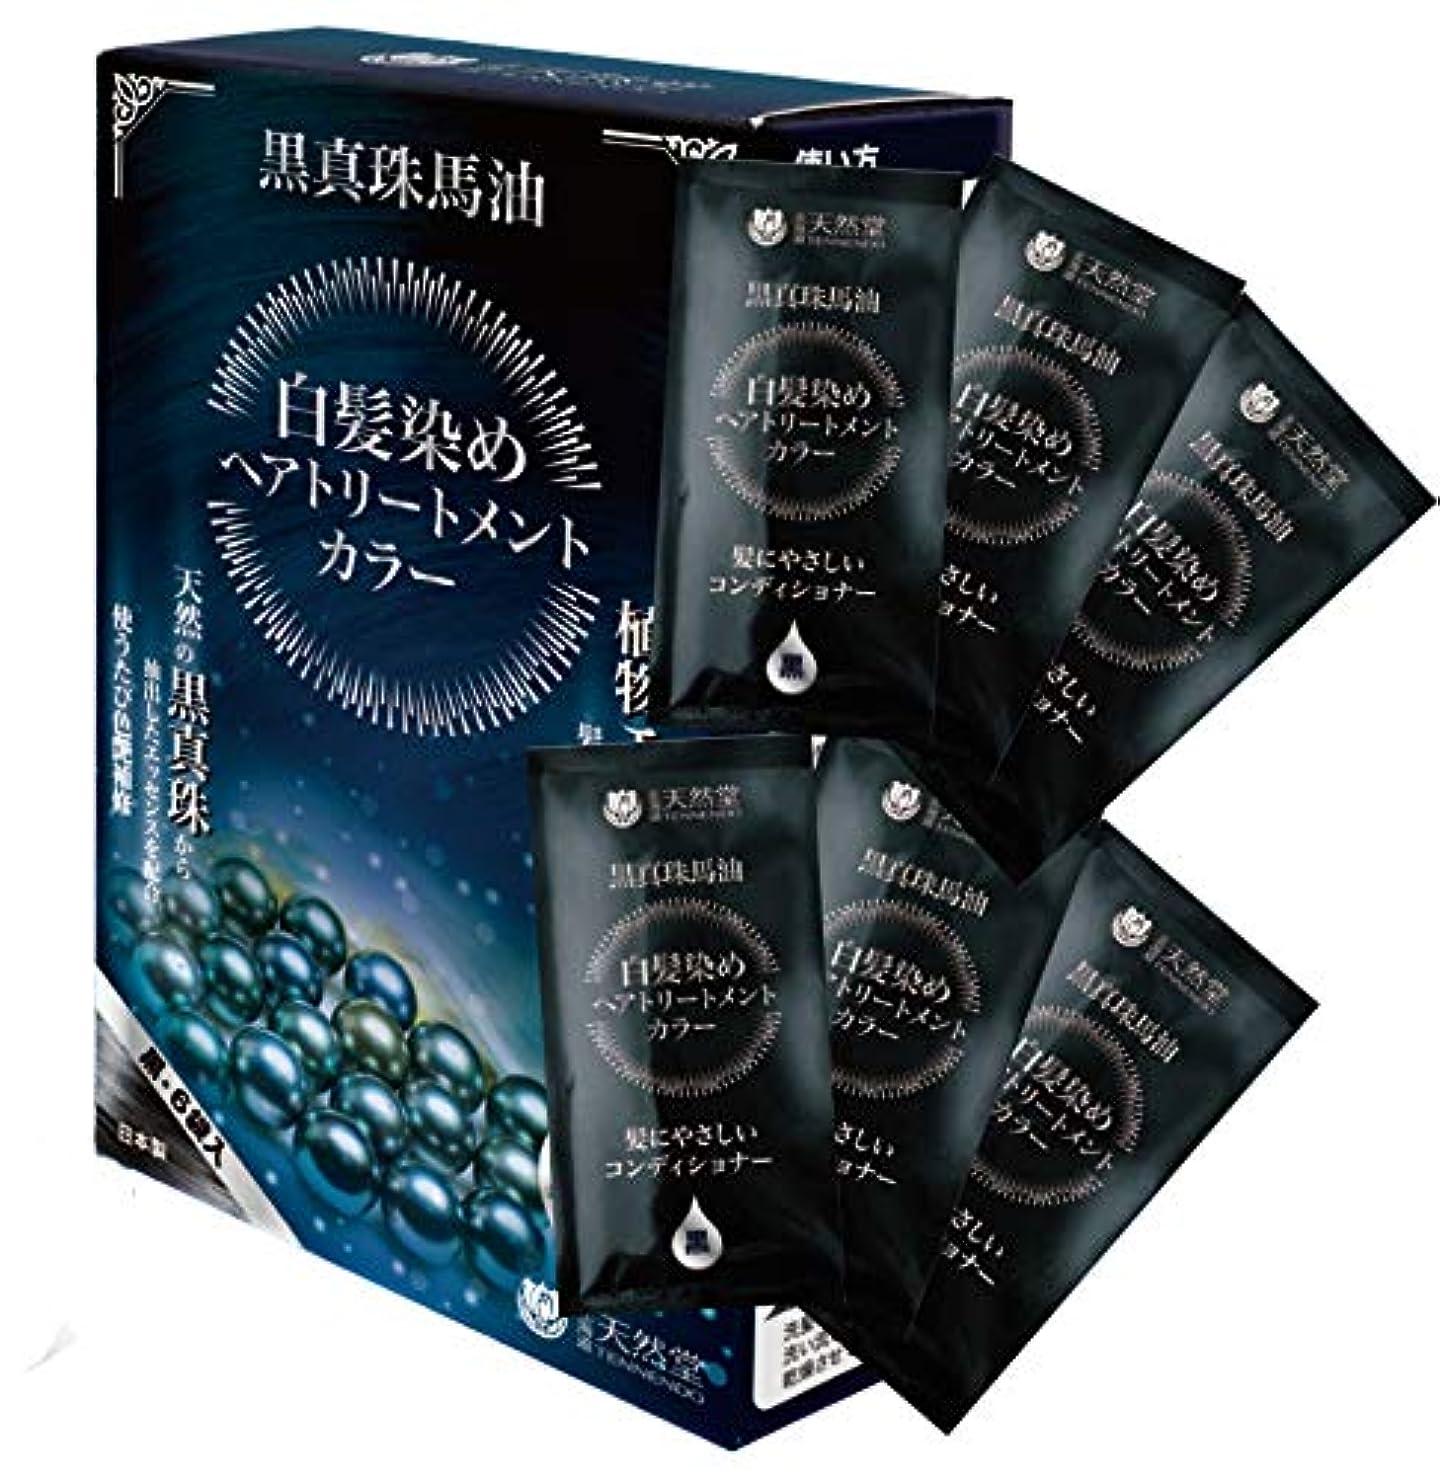 広告する終わった土器黒真珠馬油 白髪染め へアトリートメントカラー (黒) 20g×6 / 北海道天然堂